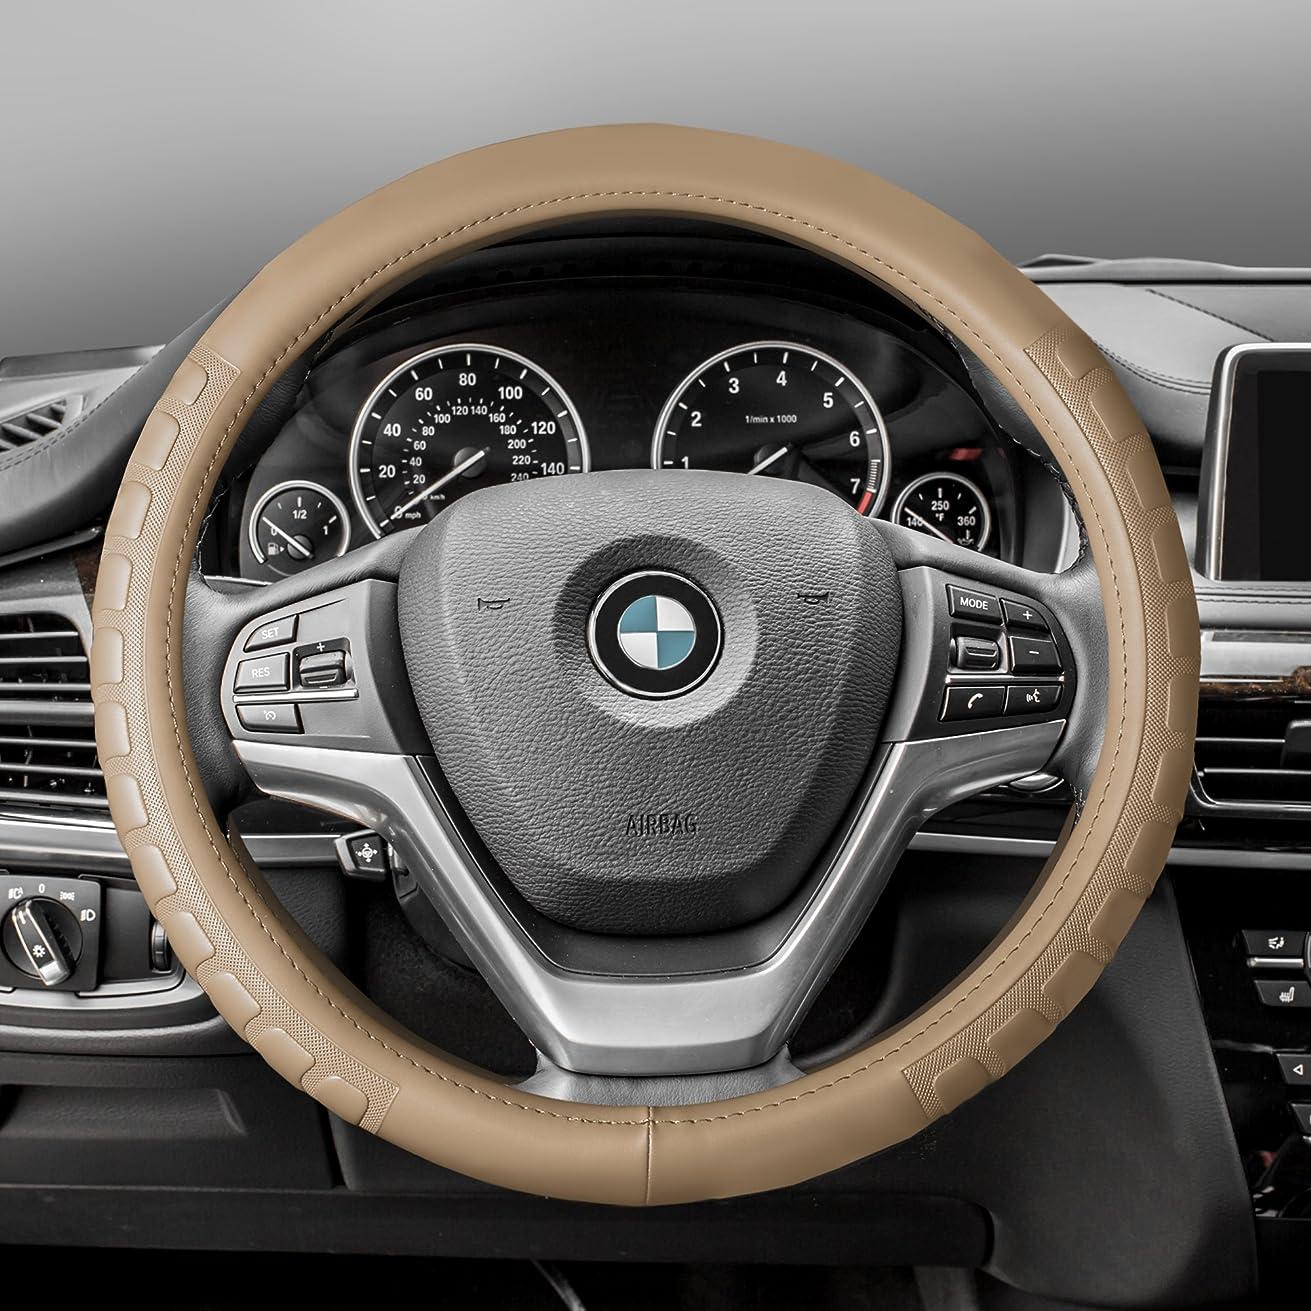 FH Group FH2006BEIGE Steering Wheel Cover (Microfiber Embossed Leather Beige)